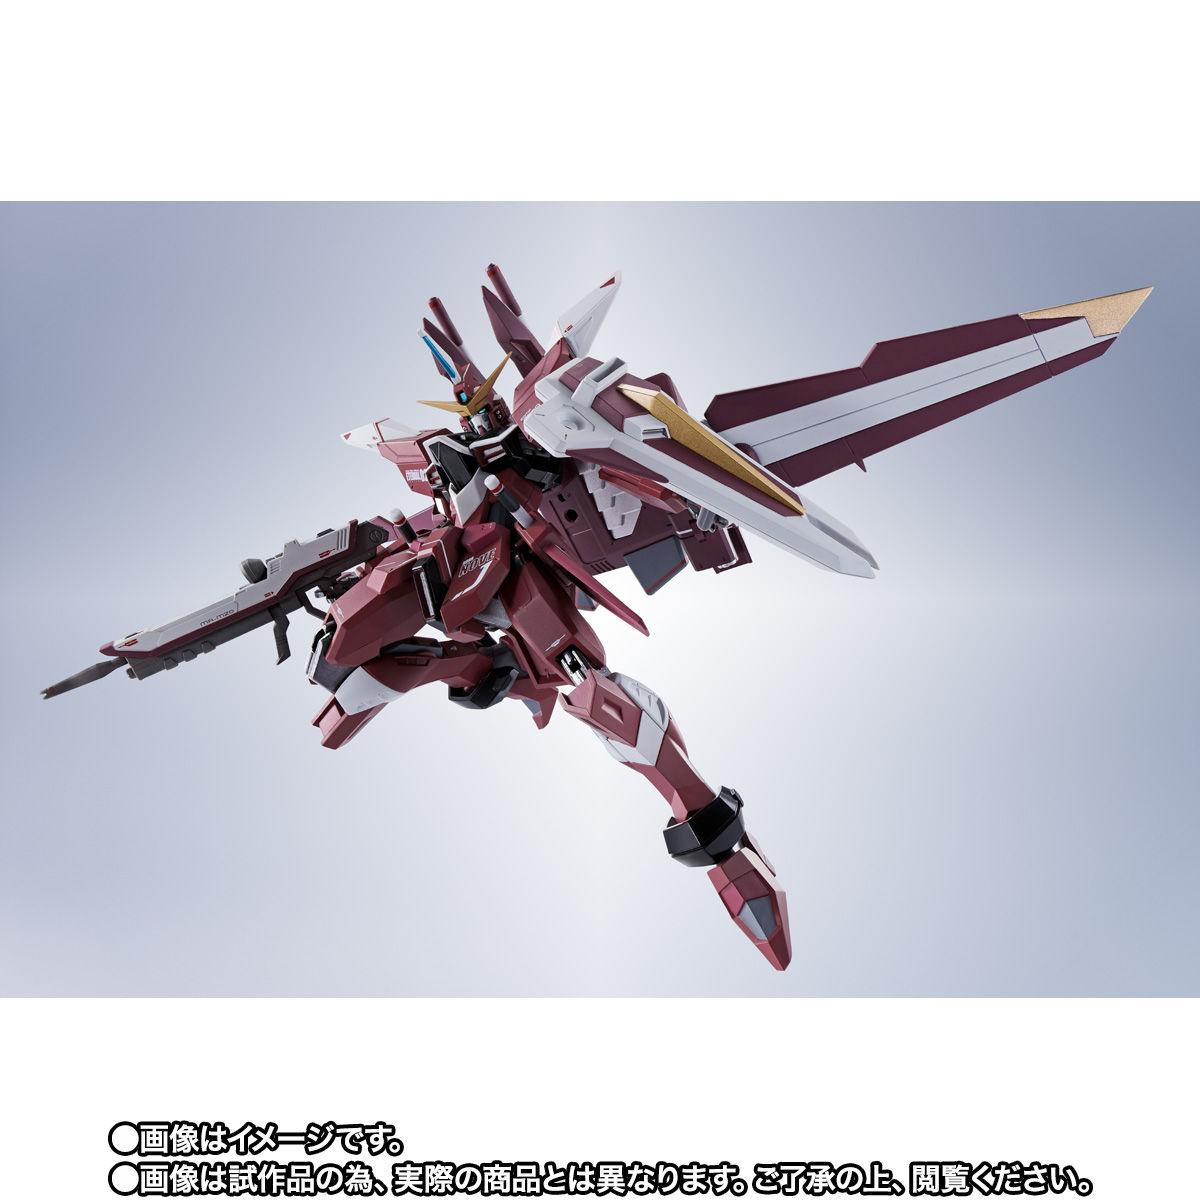 【限定販売】METAL ROBOT魂〈SIDE MS〉『ジャスティスガンダム』ガンダムSEED 可動フィギュア-003